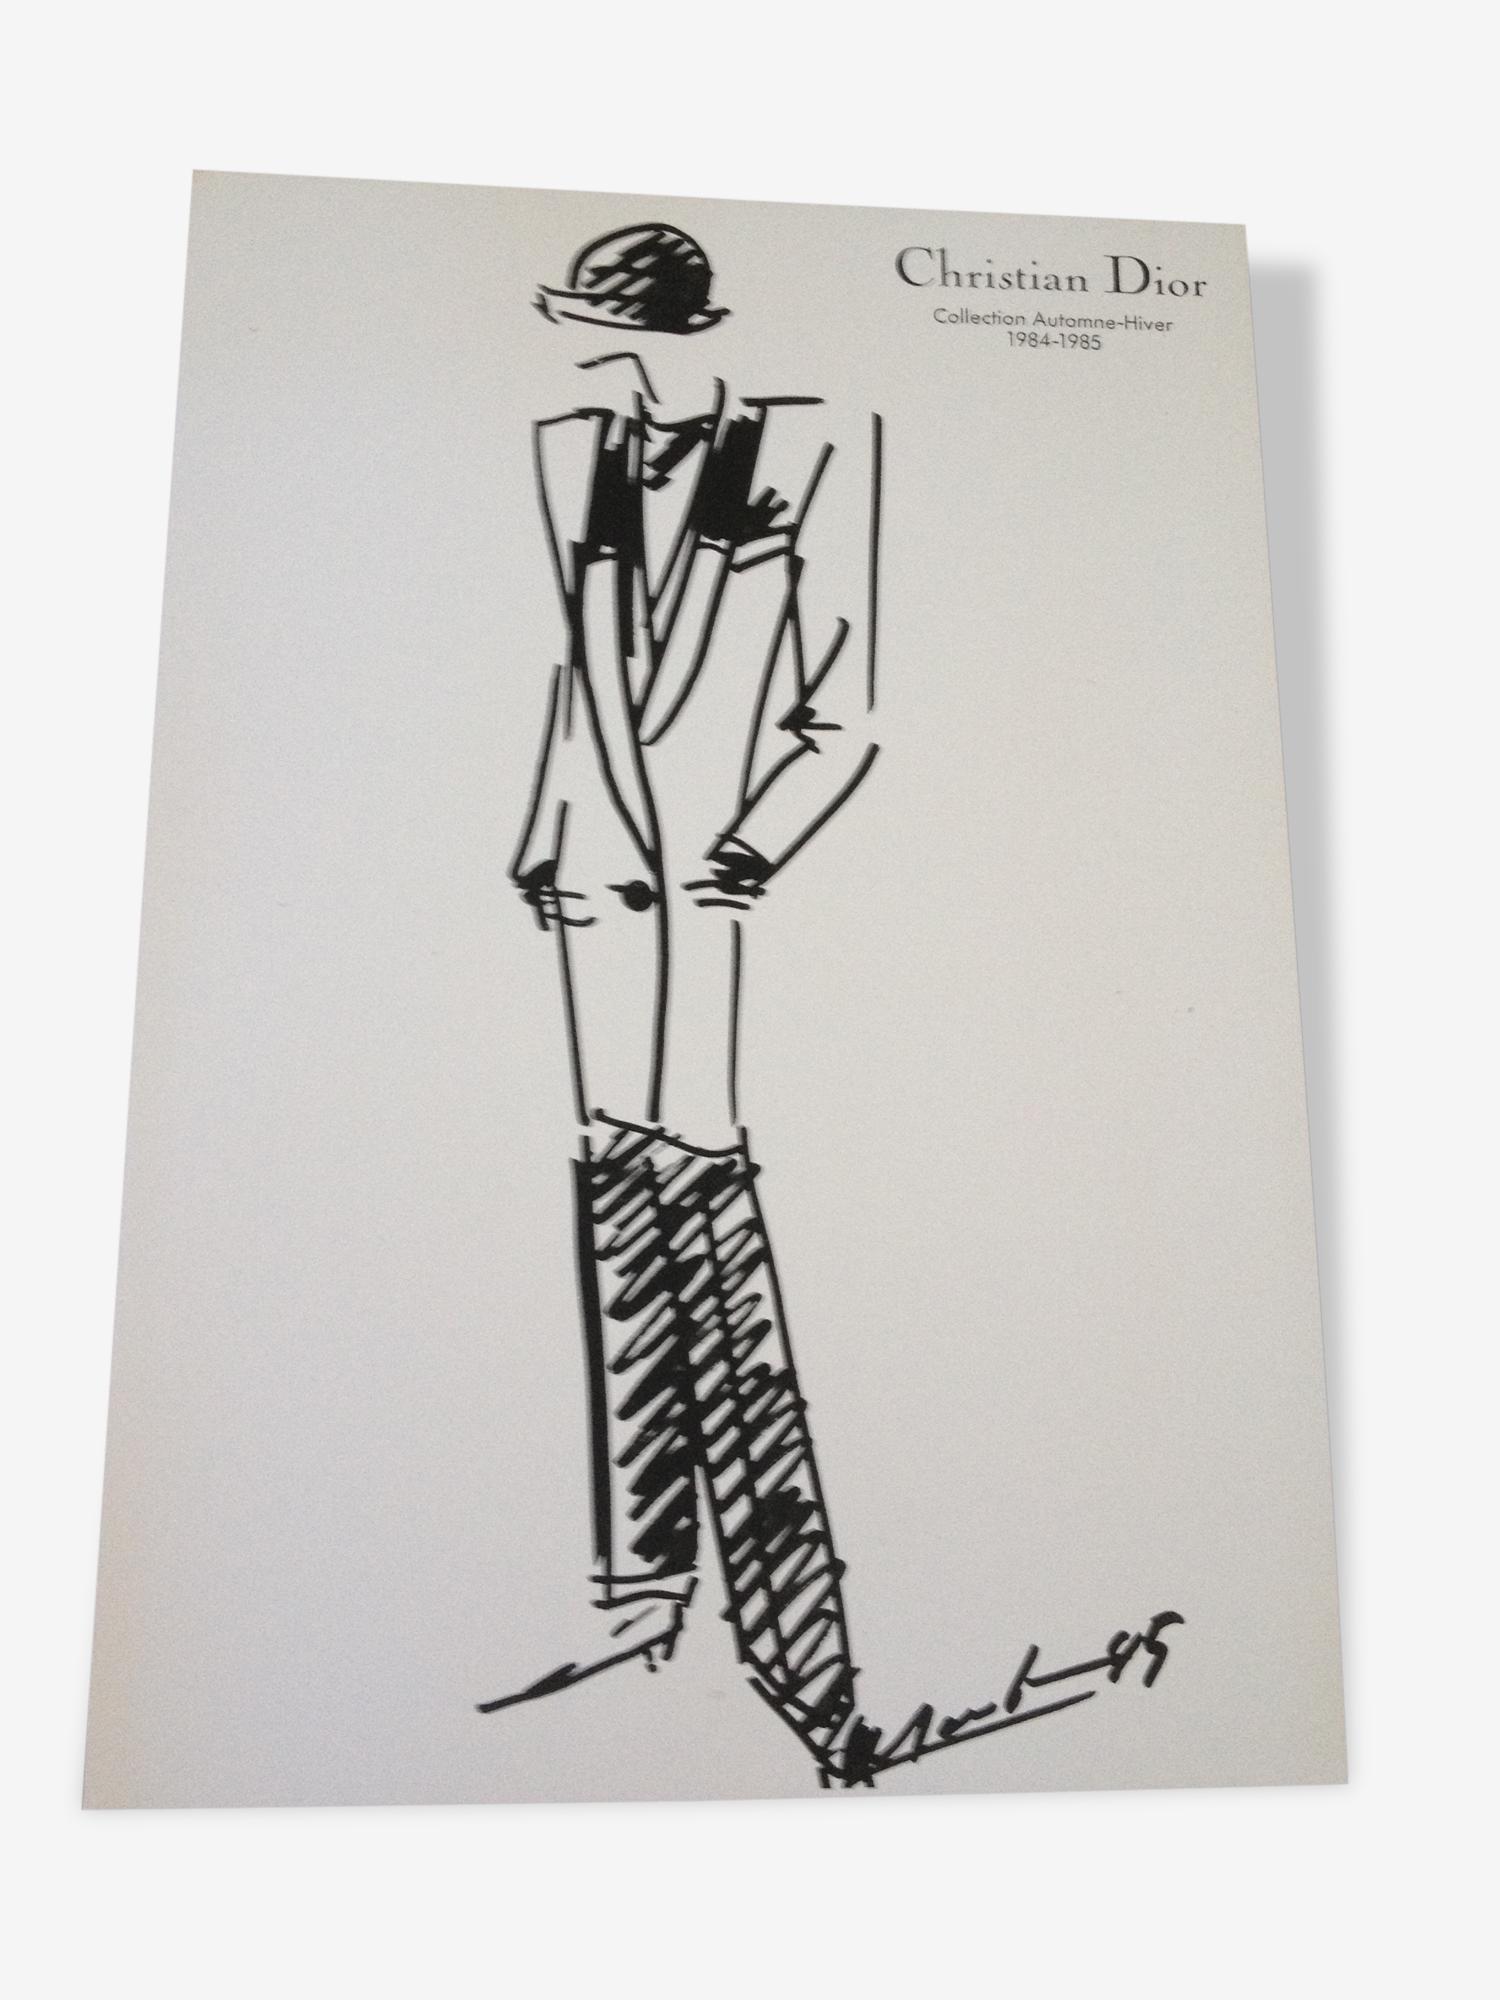 Christian dior : jolie illustration / tirage / croquis de mode de presse de Presse des Années 80